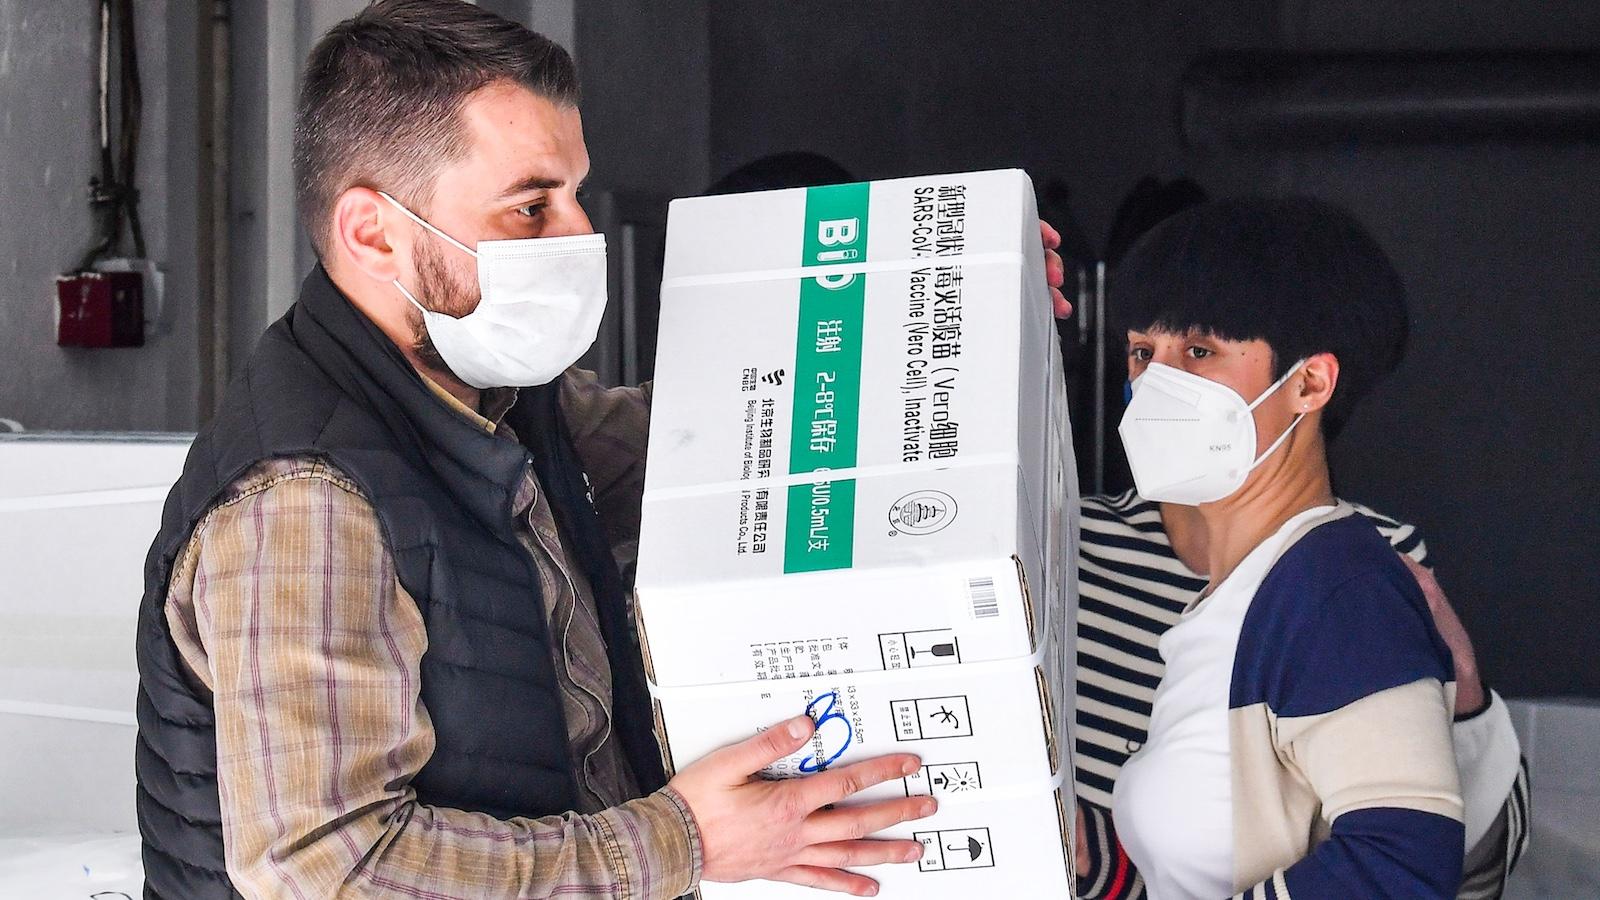 Tényleg gond van a kínai vakcinával? 5 kérdés és válasz a Sinopharm oltásáról